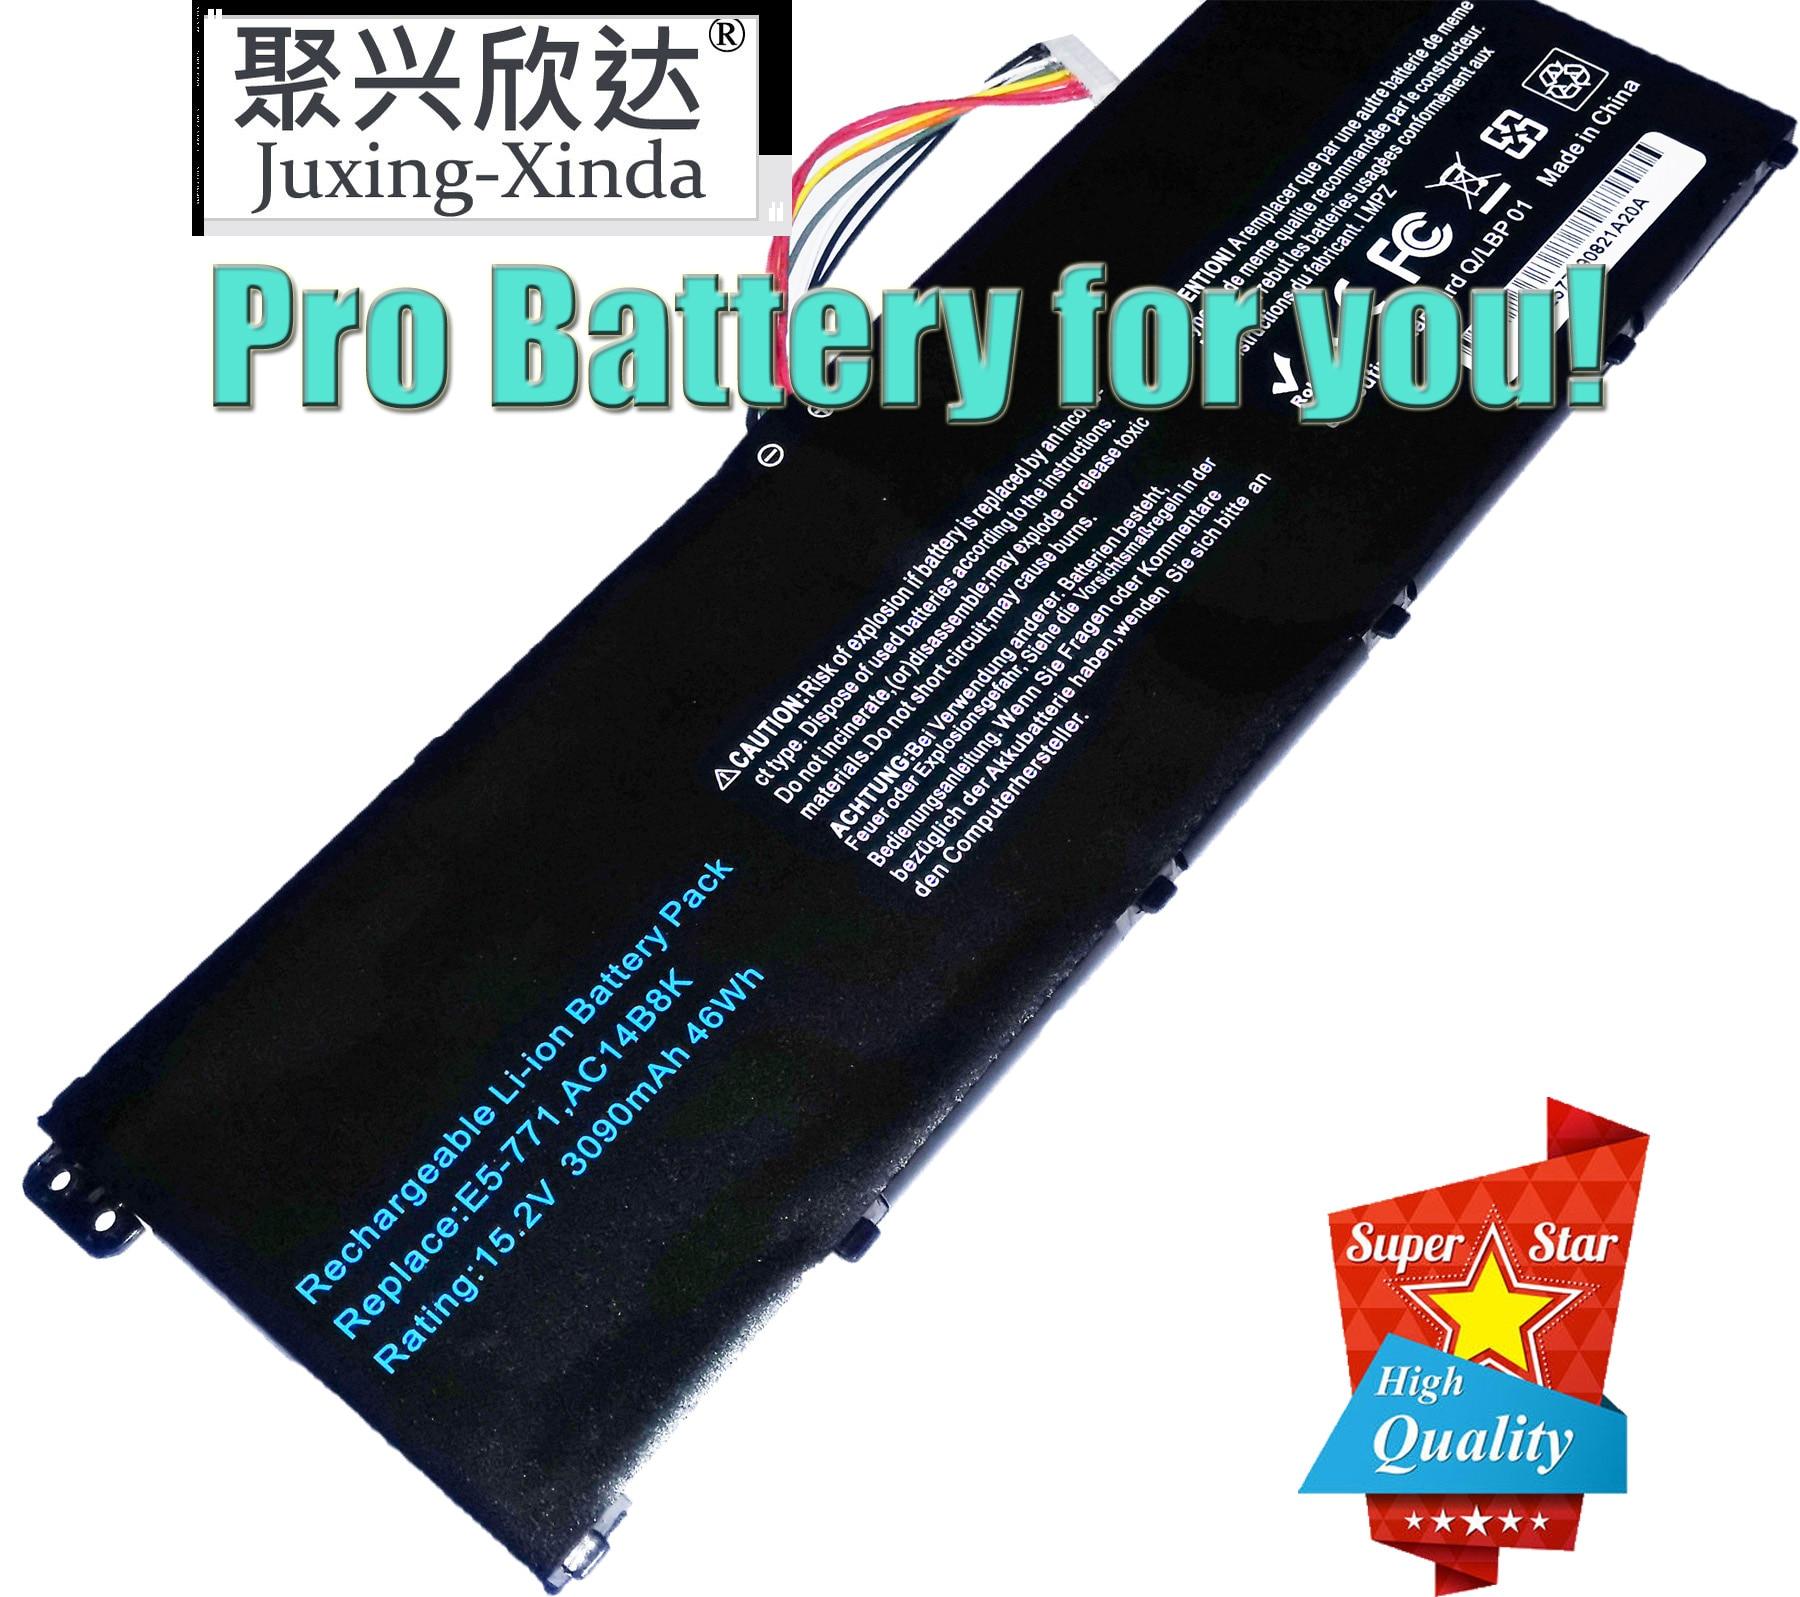 AC14B8K batería del ordenador portátil para Acer Aspire CB3-111 CB5-311 ES1-511 ES1-512 ES1-520 S1-521 ES1-531ES1-731 E5-771G V3-371 V3-111 C810